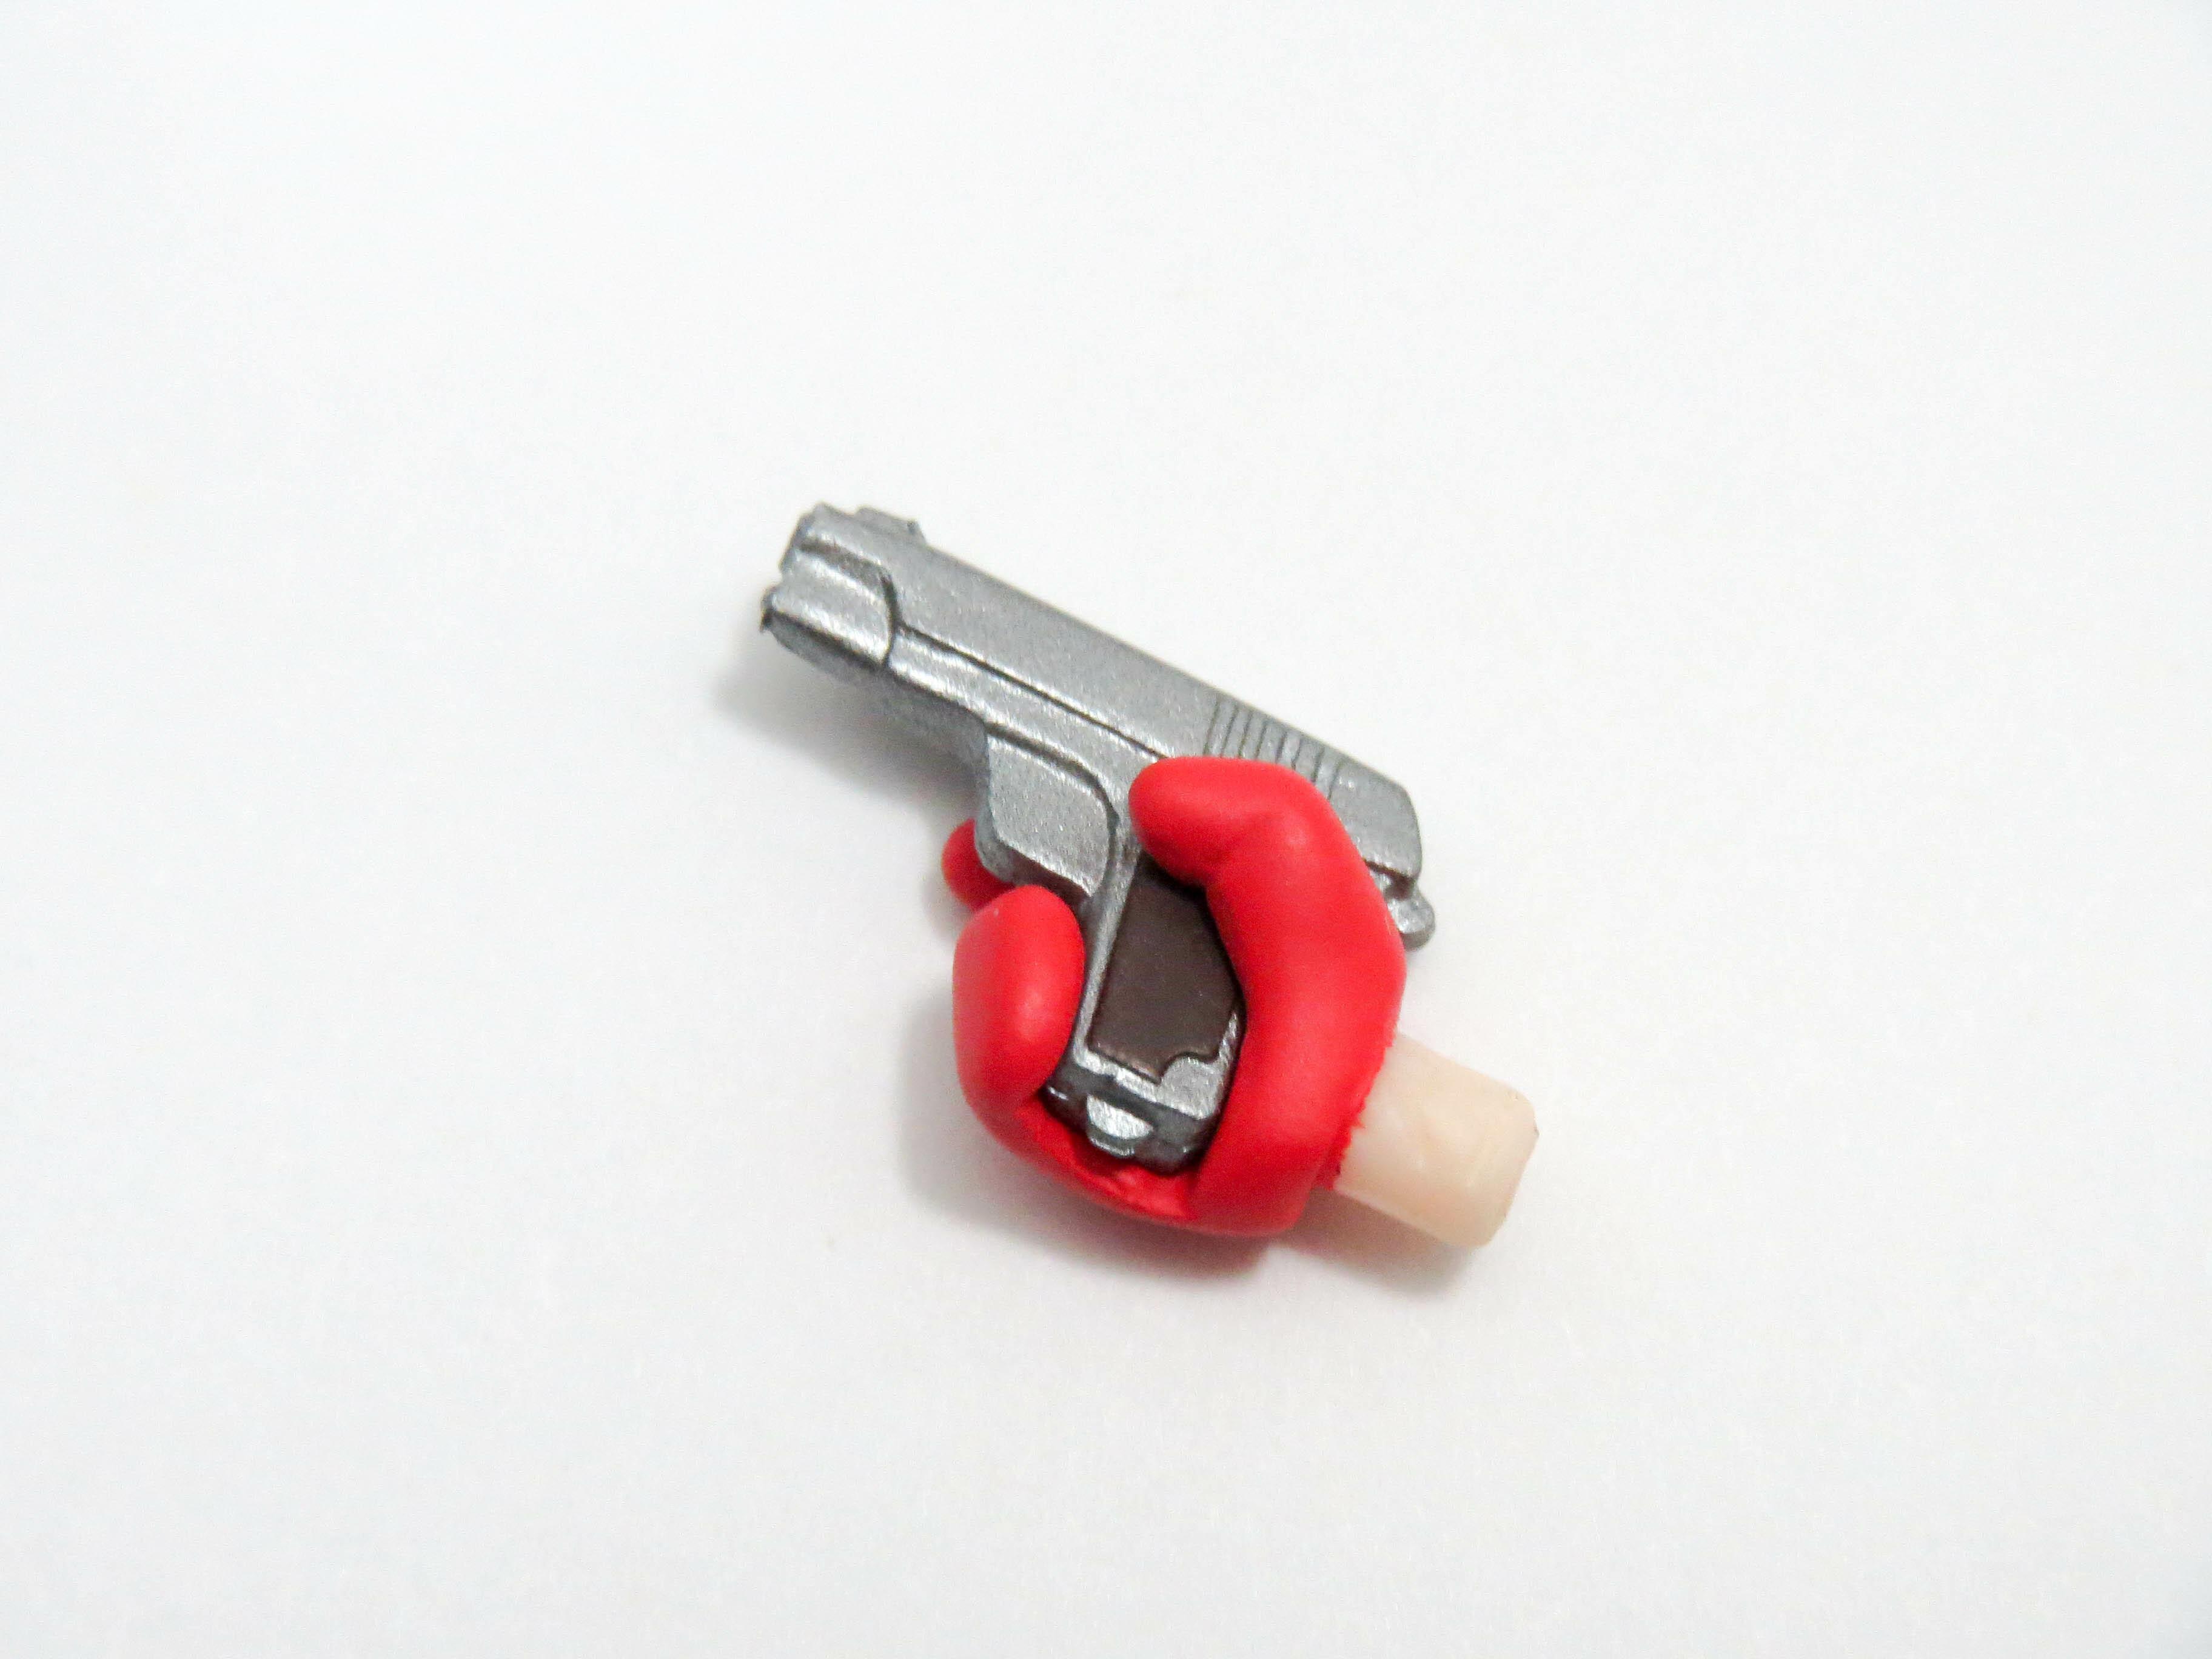 再入荷【989】 ジョーカー 小物パーツ 銃 ねんどろいど